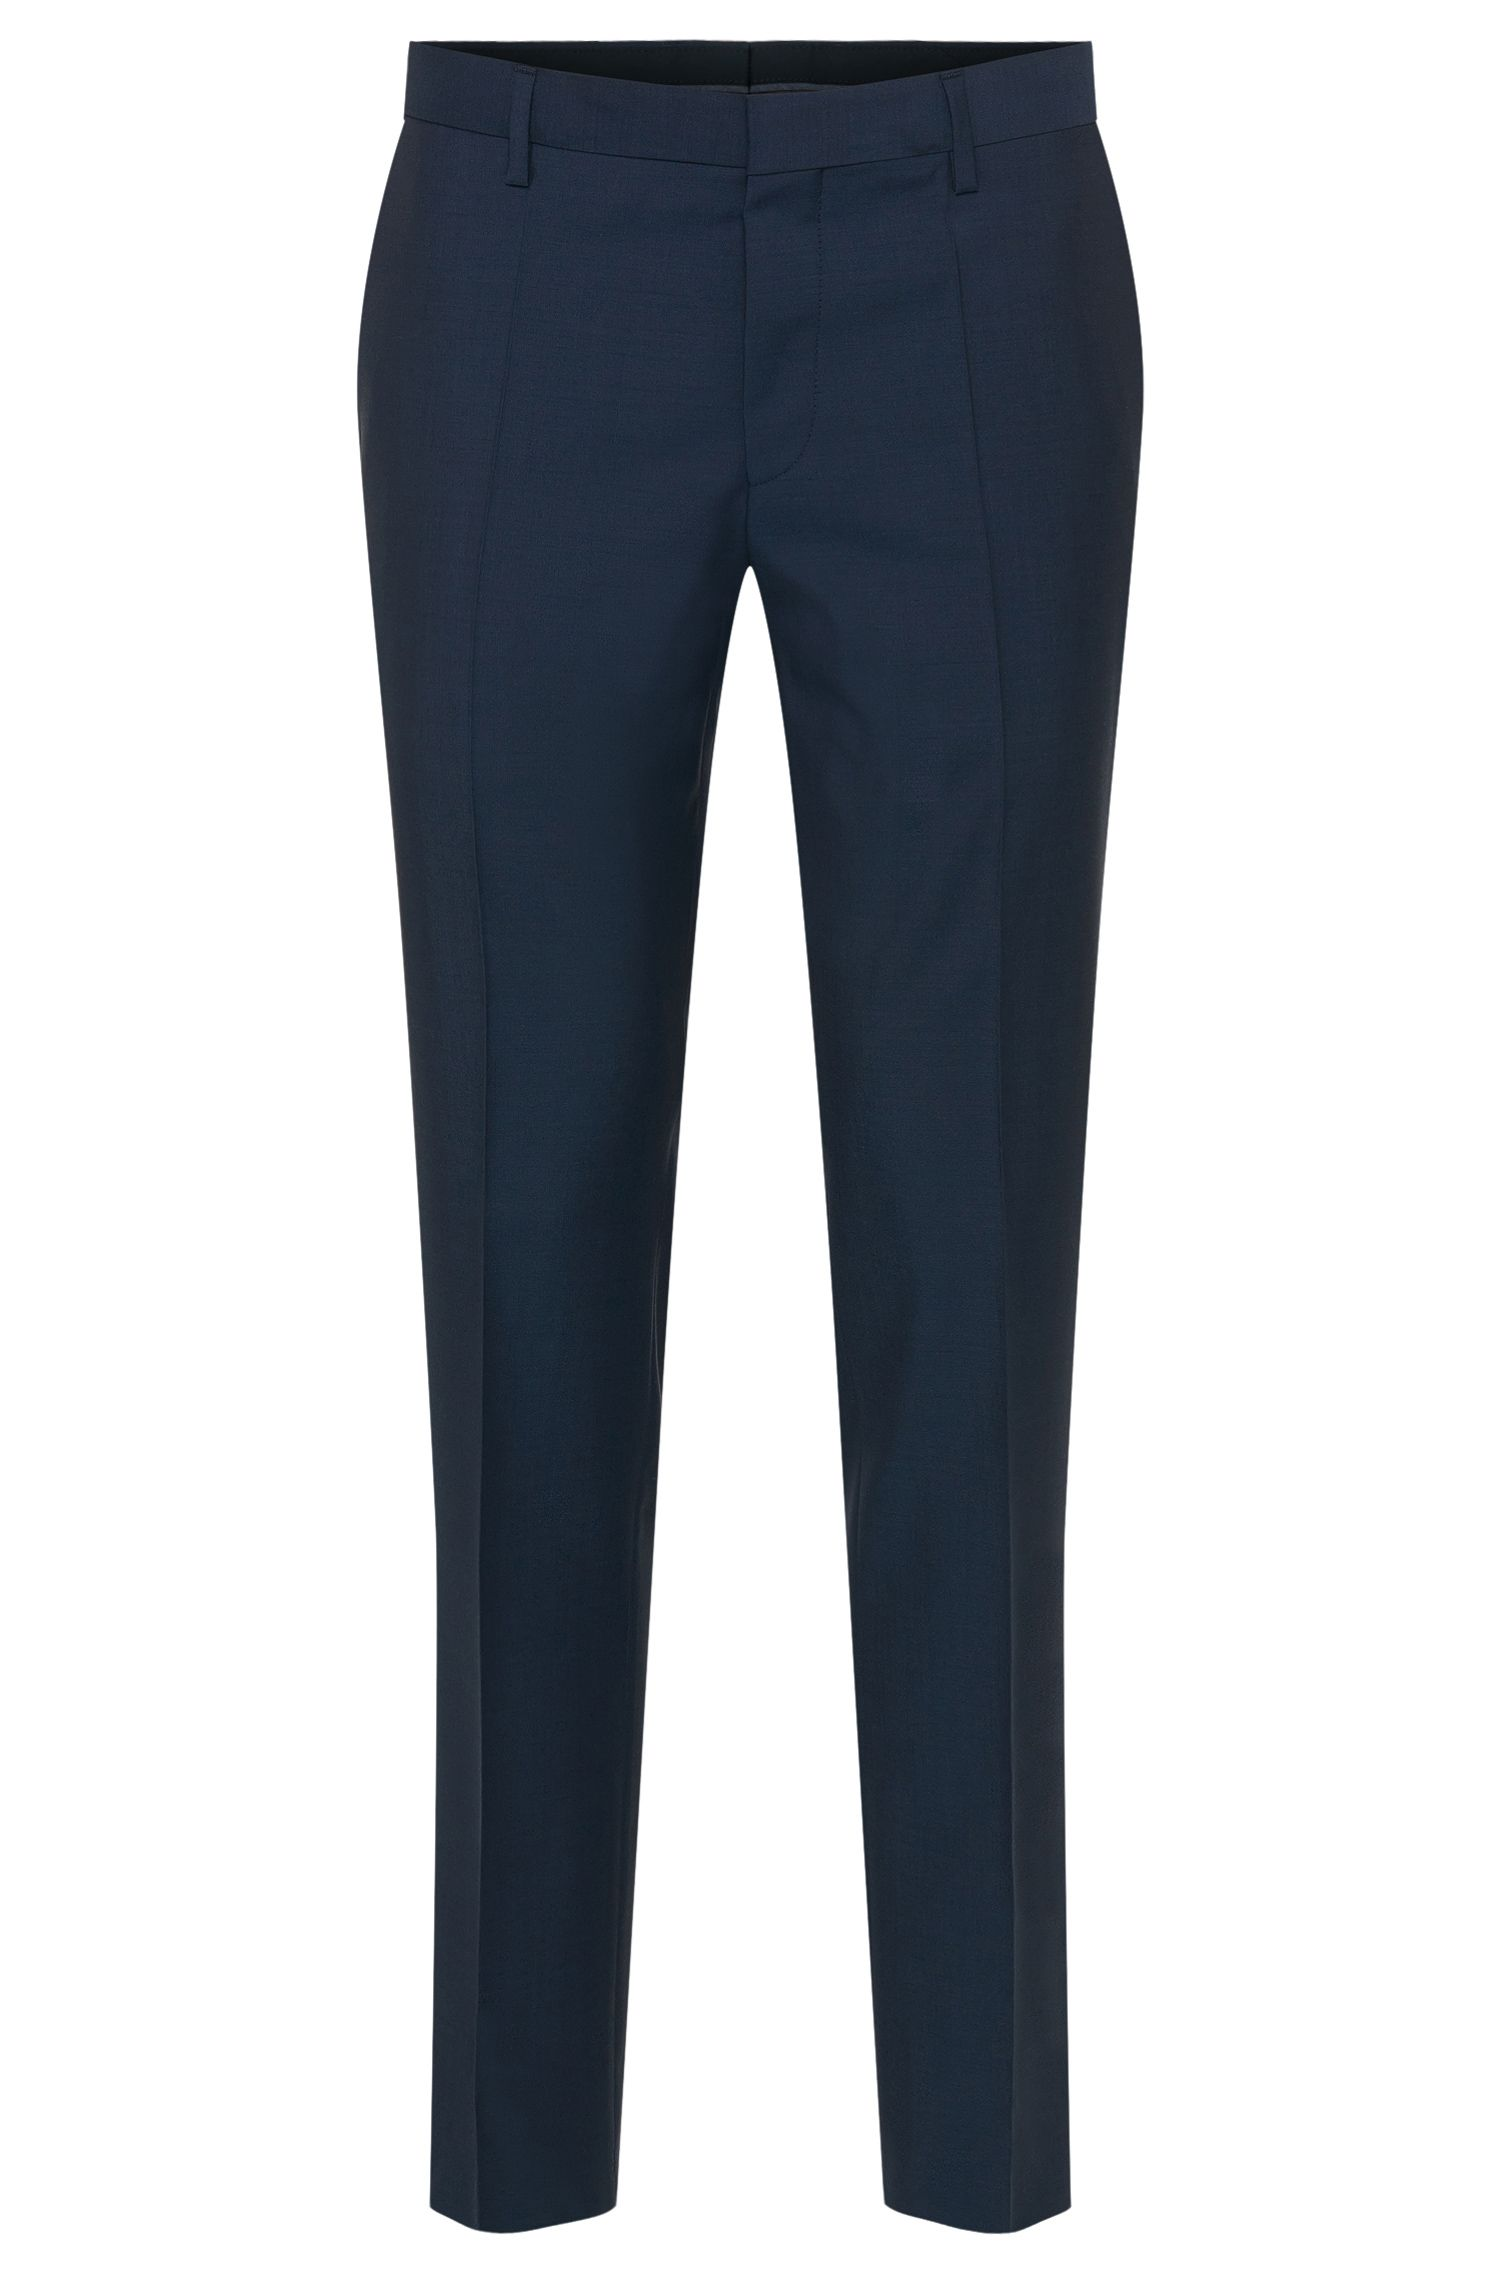 'Genesis' | Slim Fit, Virgin Wool Dress Pants